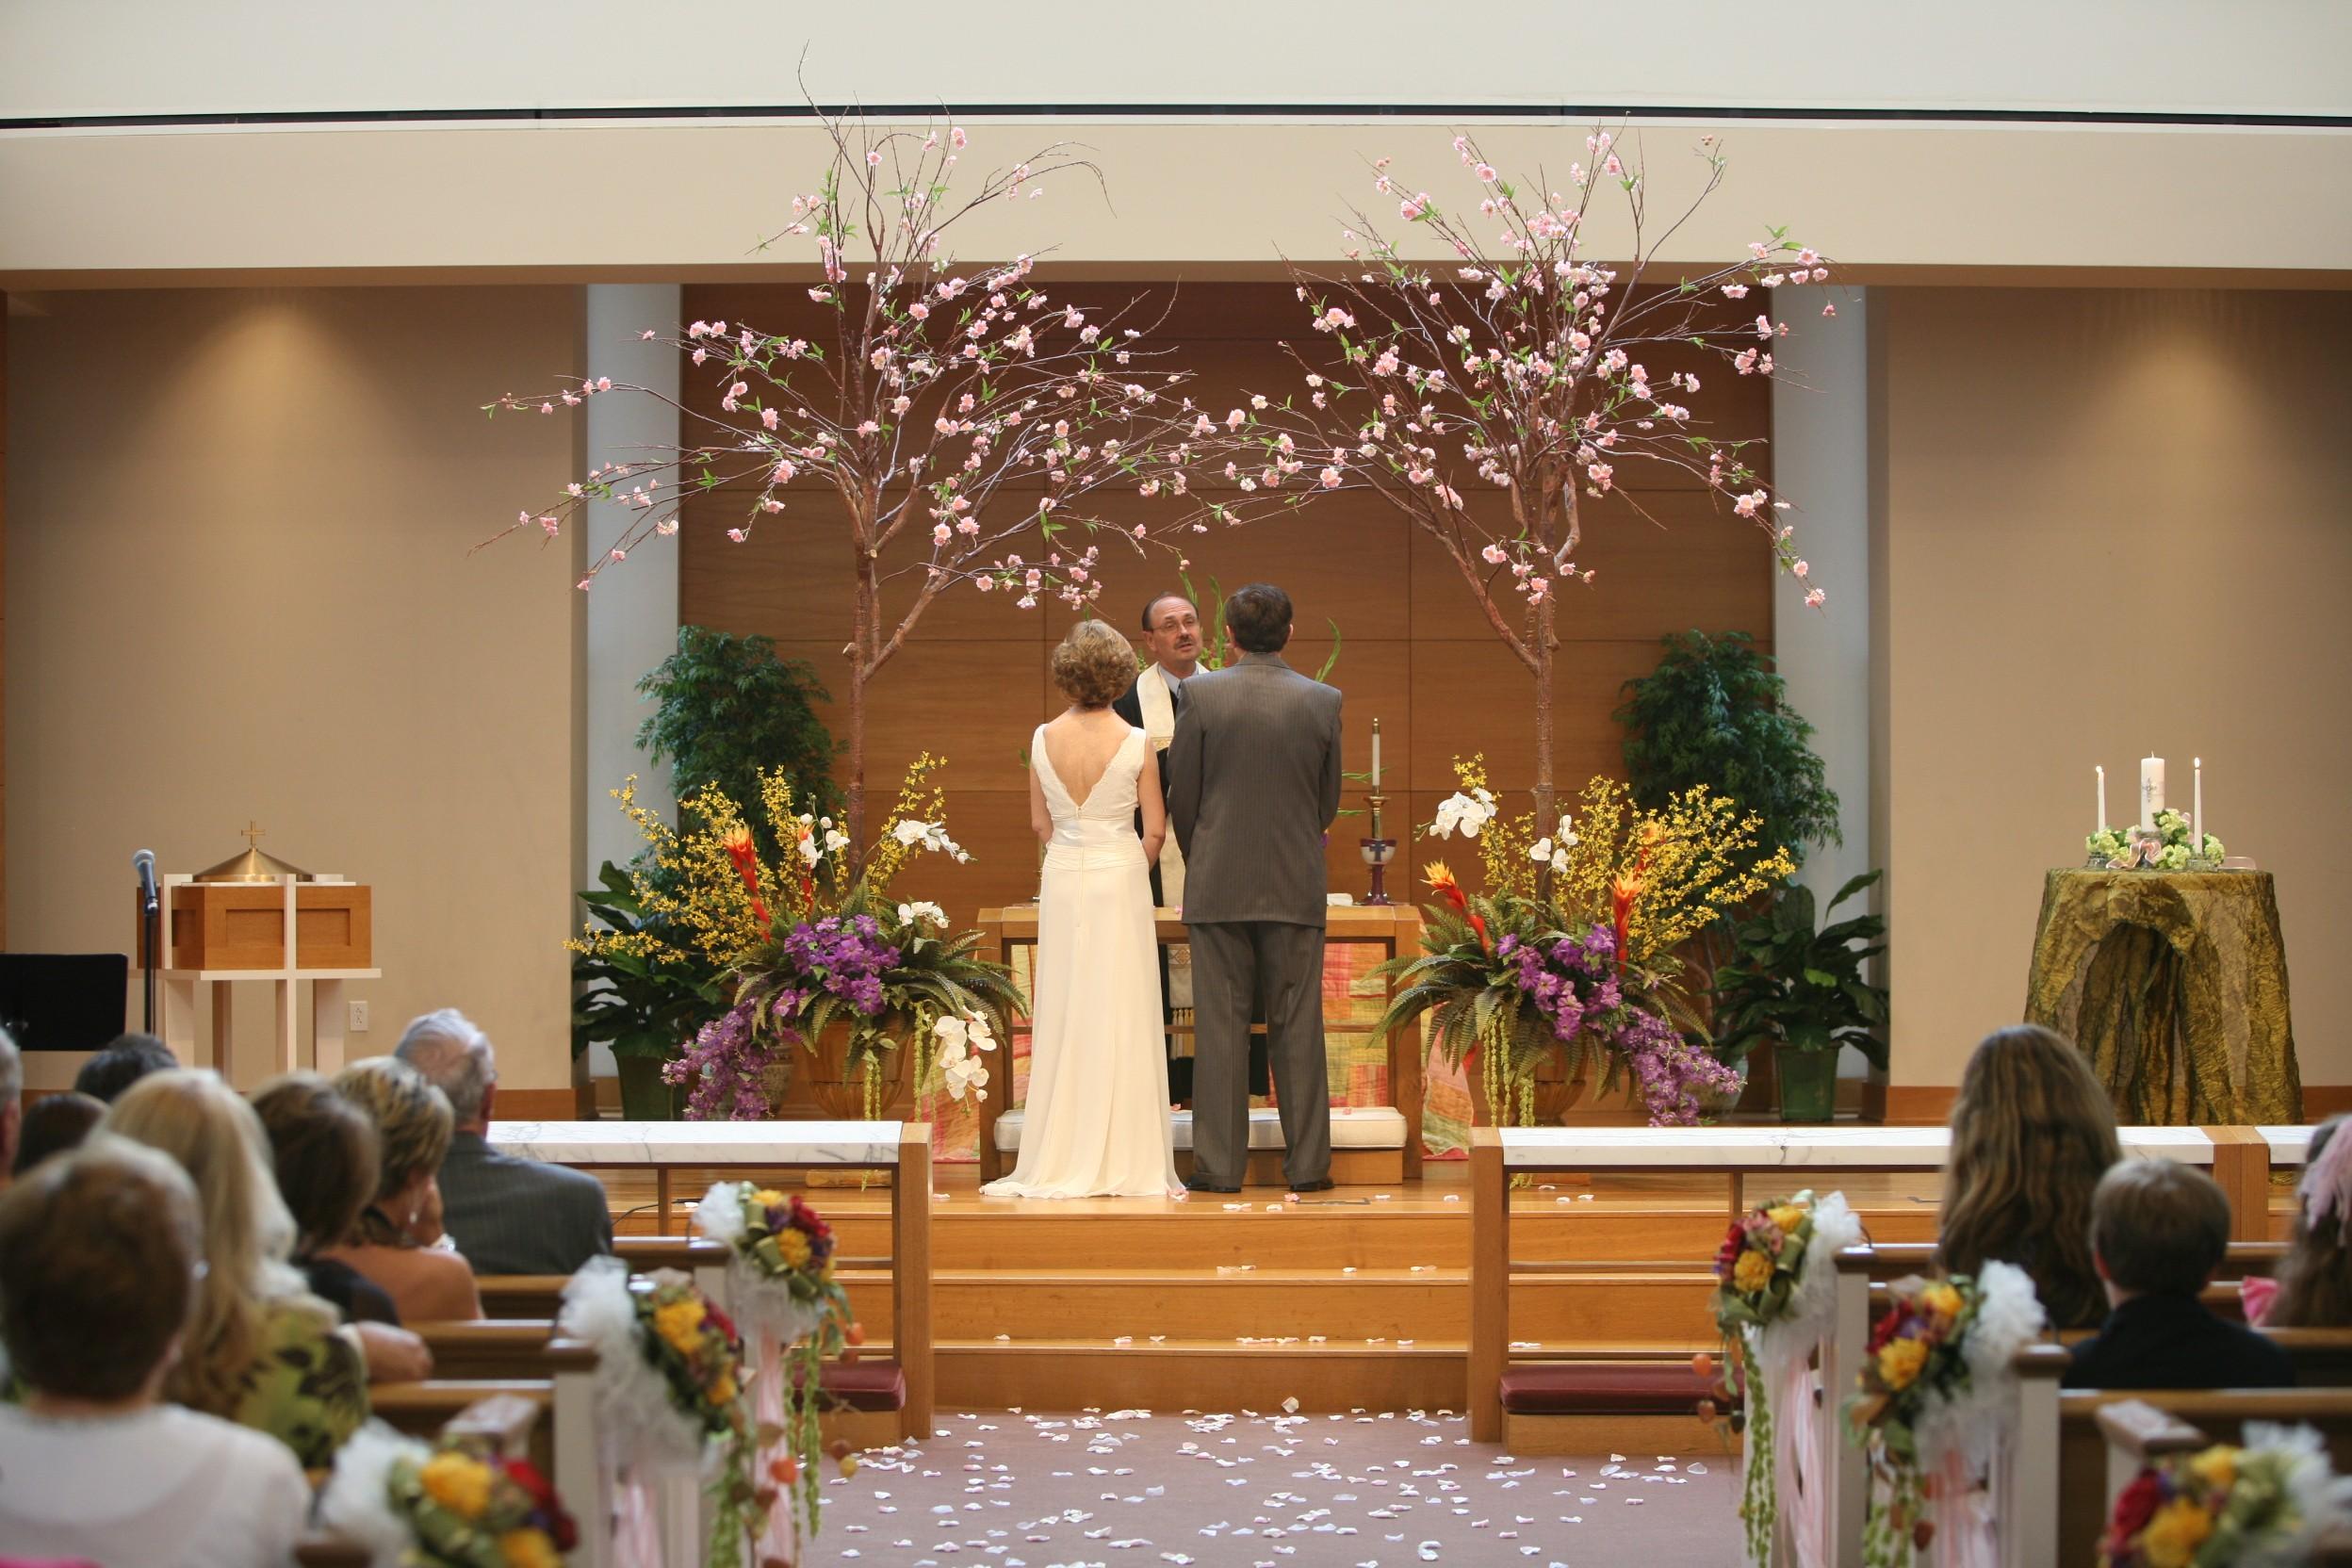 Picking A Wedding Venue A Family Affair